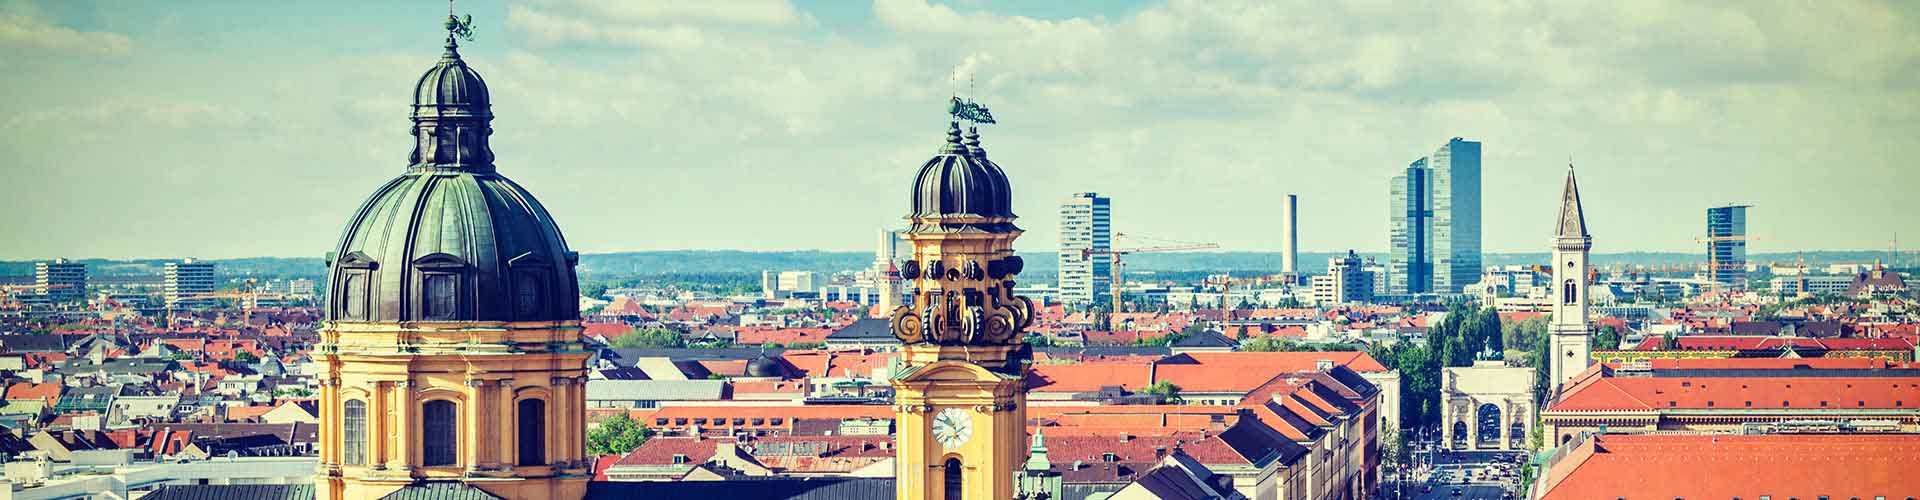 Mnichov - Hostelů v Mnichov. Mapy pro Mnichov, fotky a recenze pro každý hostel v Mnichov.